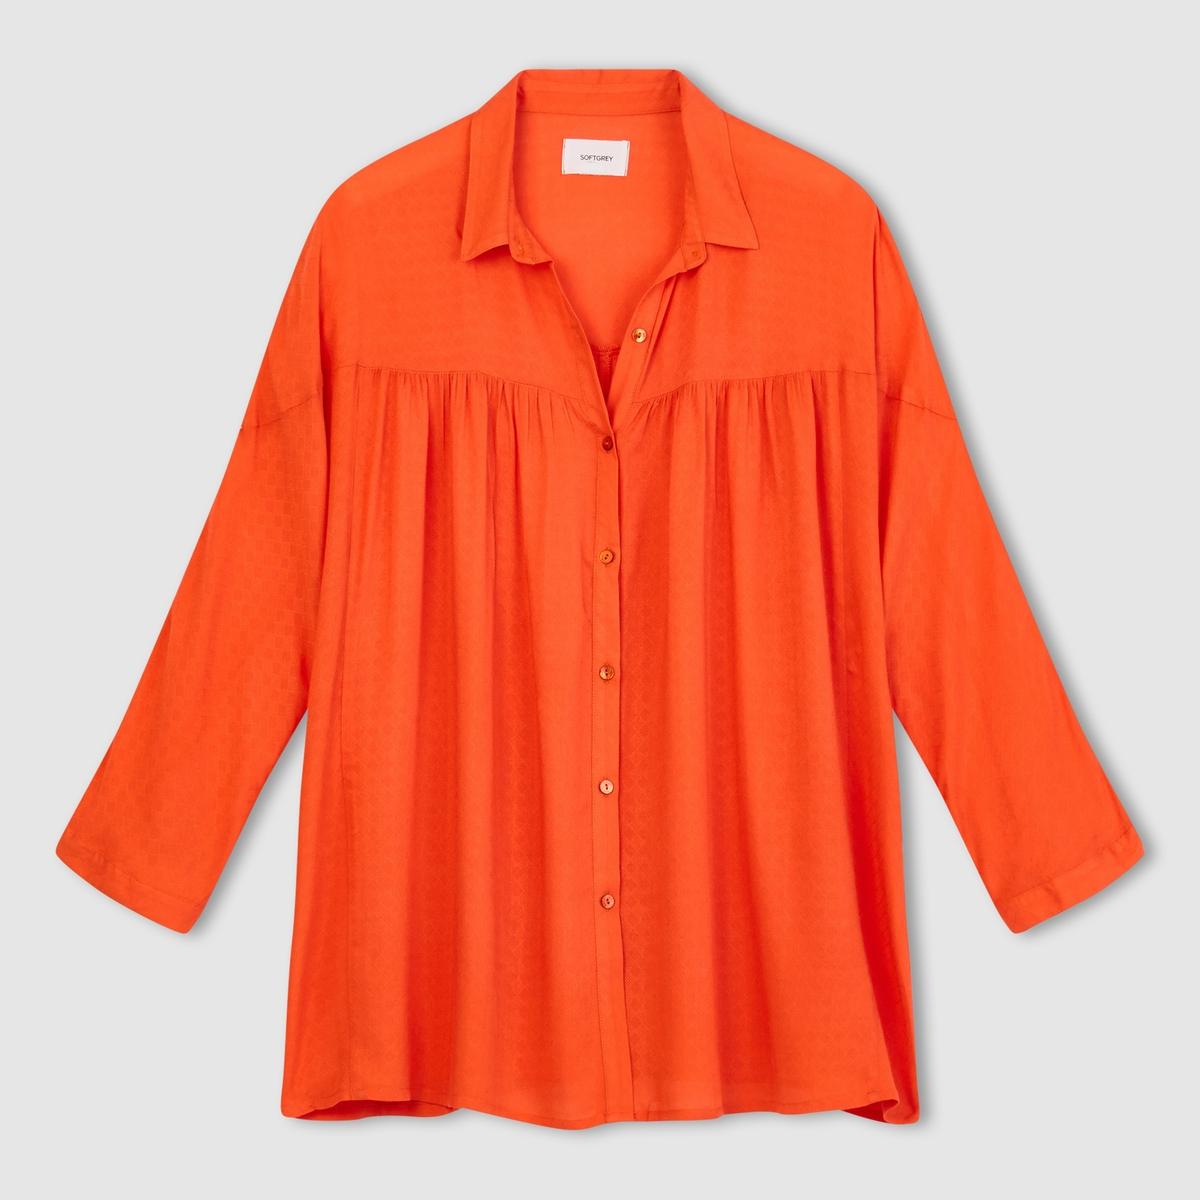 Рубашка объемного покроя с рукавами летучая мышьРубашка, 100% рельефная вискоза. Широкий рукав фасона летучая мышь. Свободный покрой. Мелкие складки на груди. Застежка на пуговицы. Длина 69 см.Рубашка из струящейся ткани свободного покроя в богемном стиле.<br><br>Цвет: оранжевый<br>Размер: 34 (FR) - 40 (RUS).40 (FR) - 46 (RUS)